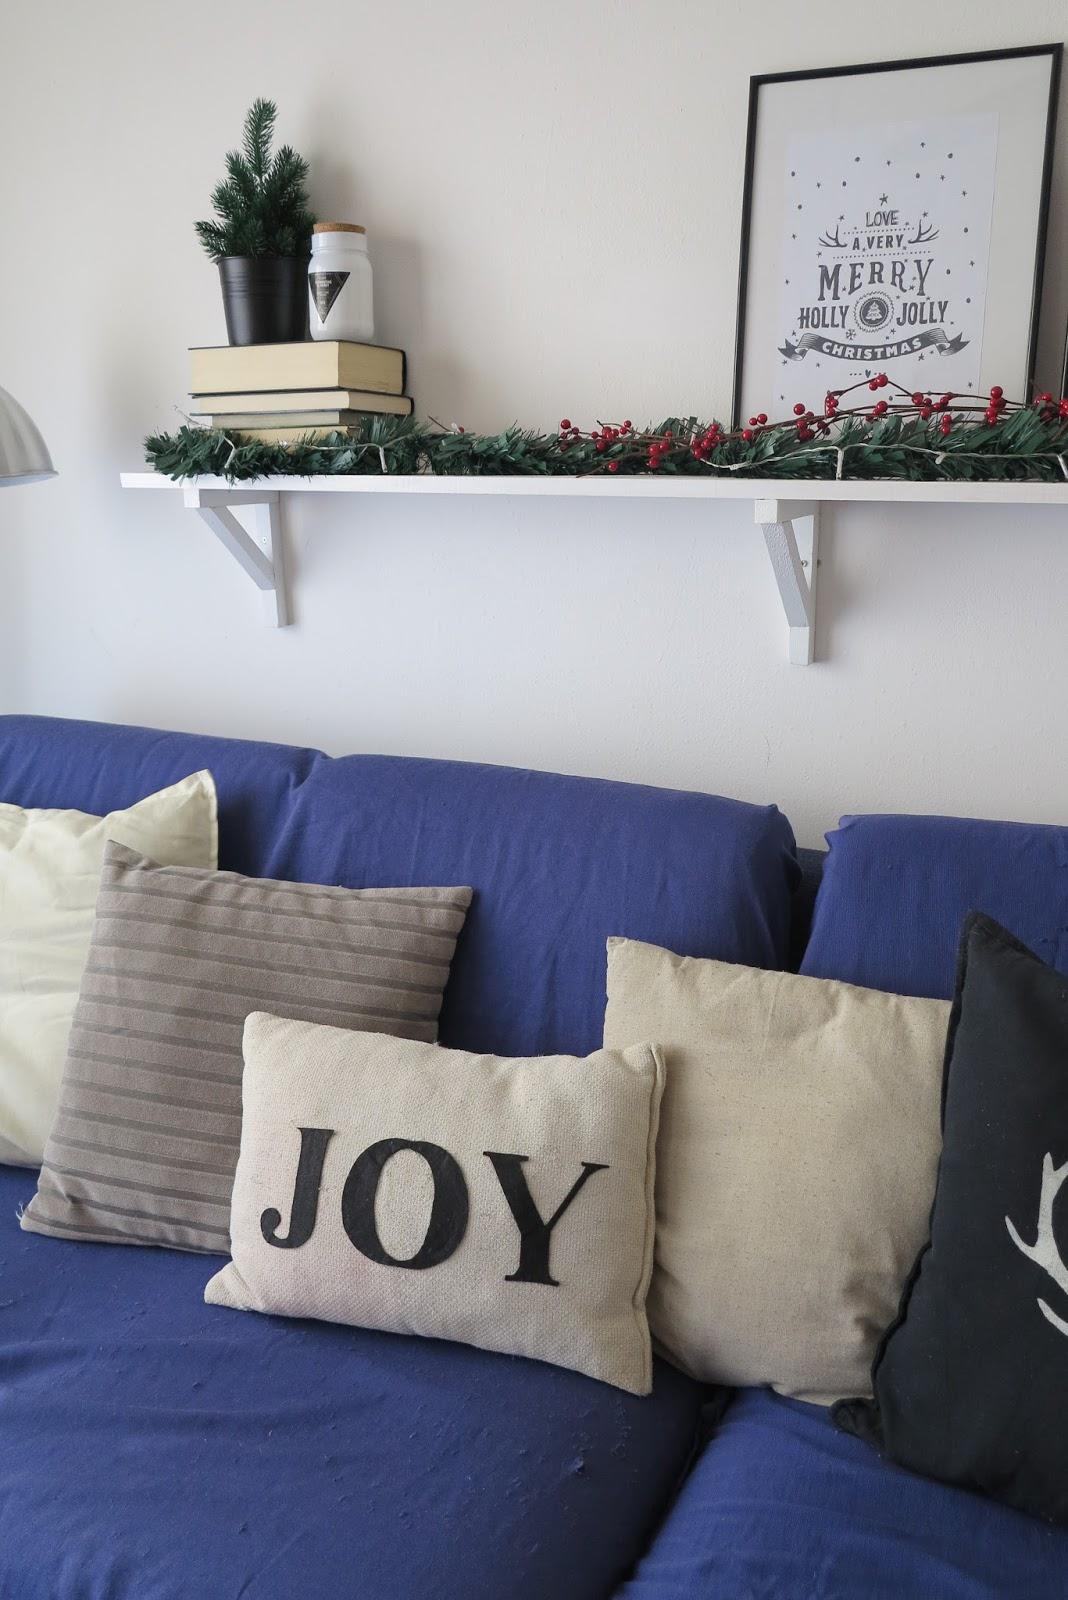 Rocco en mi sofa decoraci n navide a natural y simple - Decoracion navidena natural ...